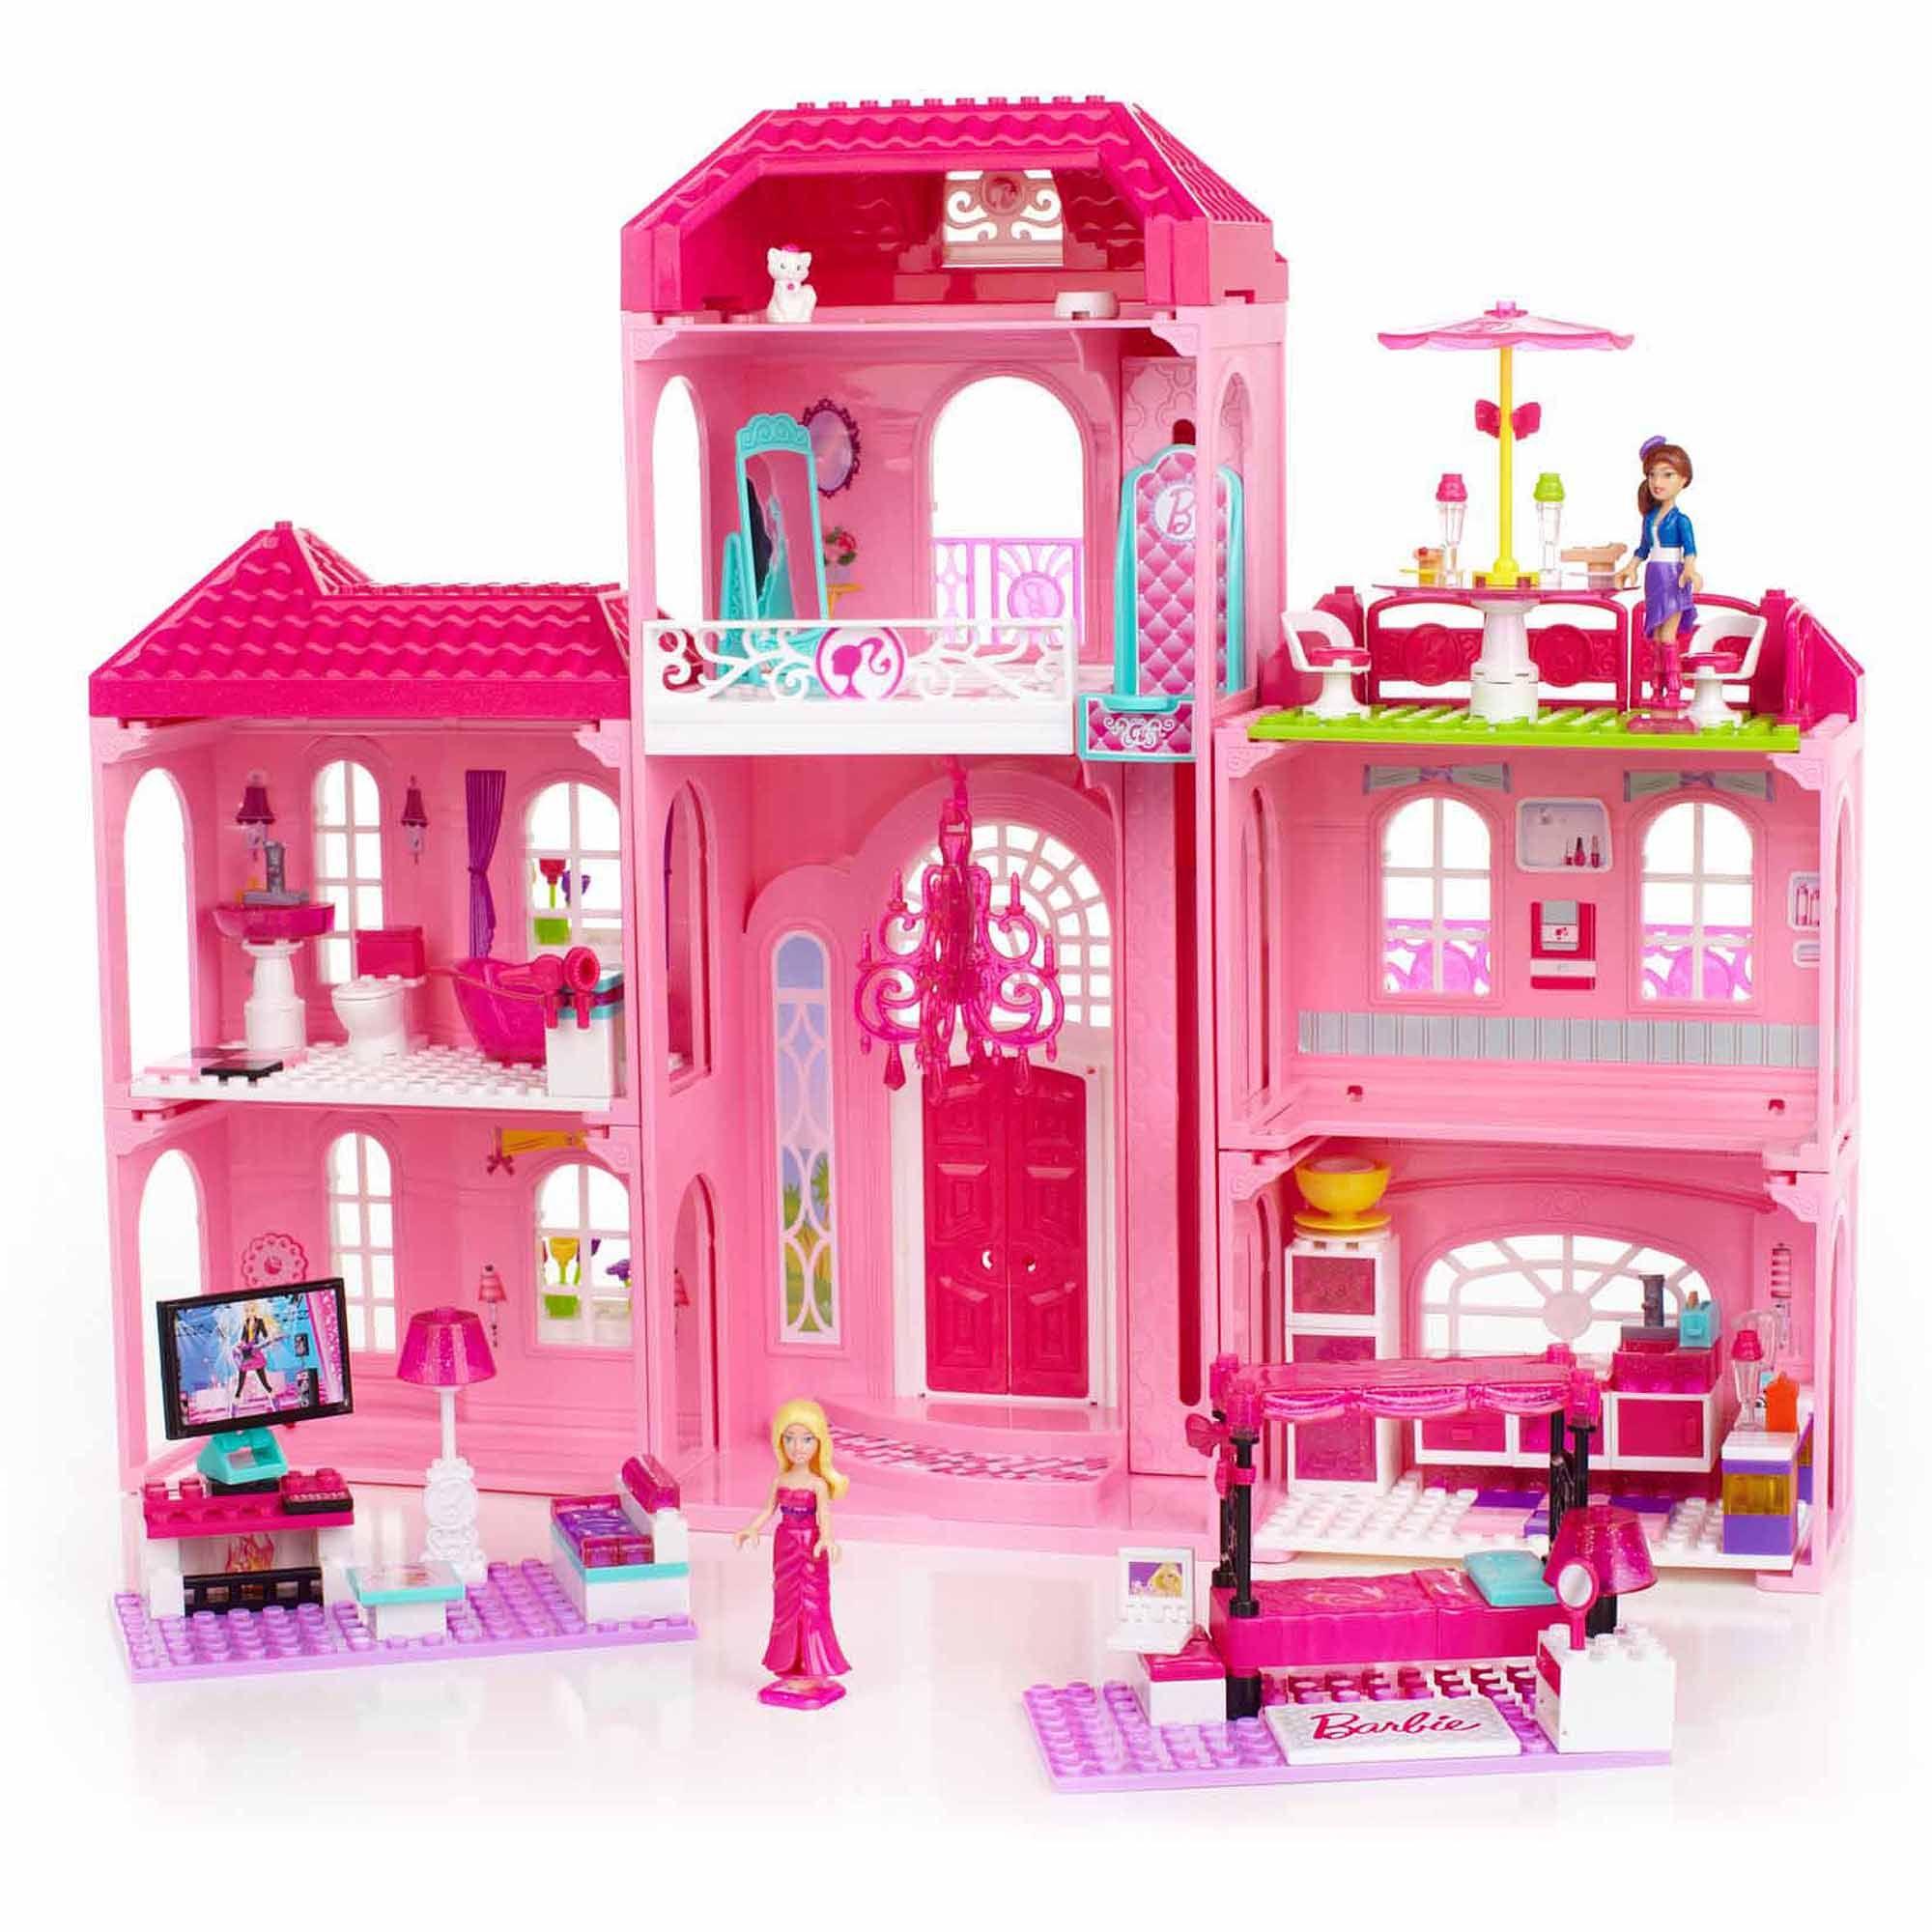 Weiße König Schlafzimmer Set Barbie Ess Set Barbie Glam